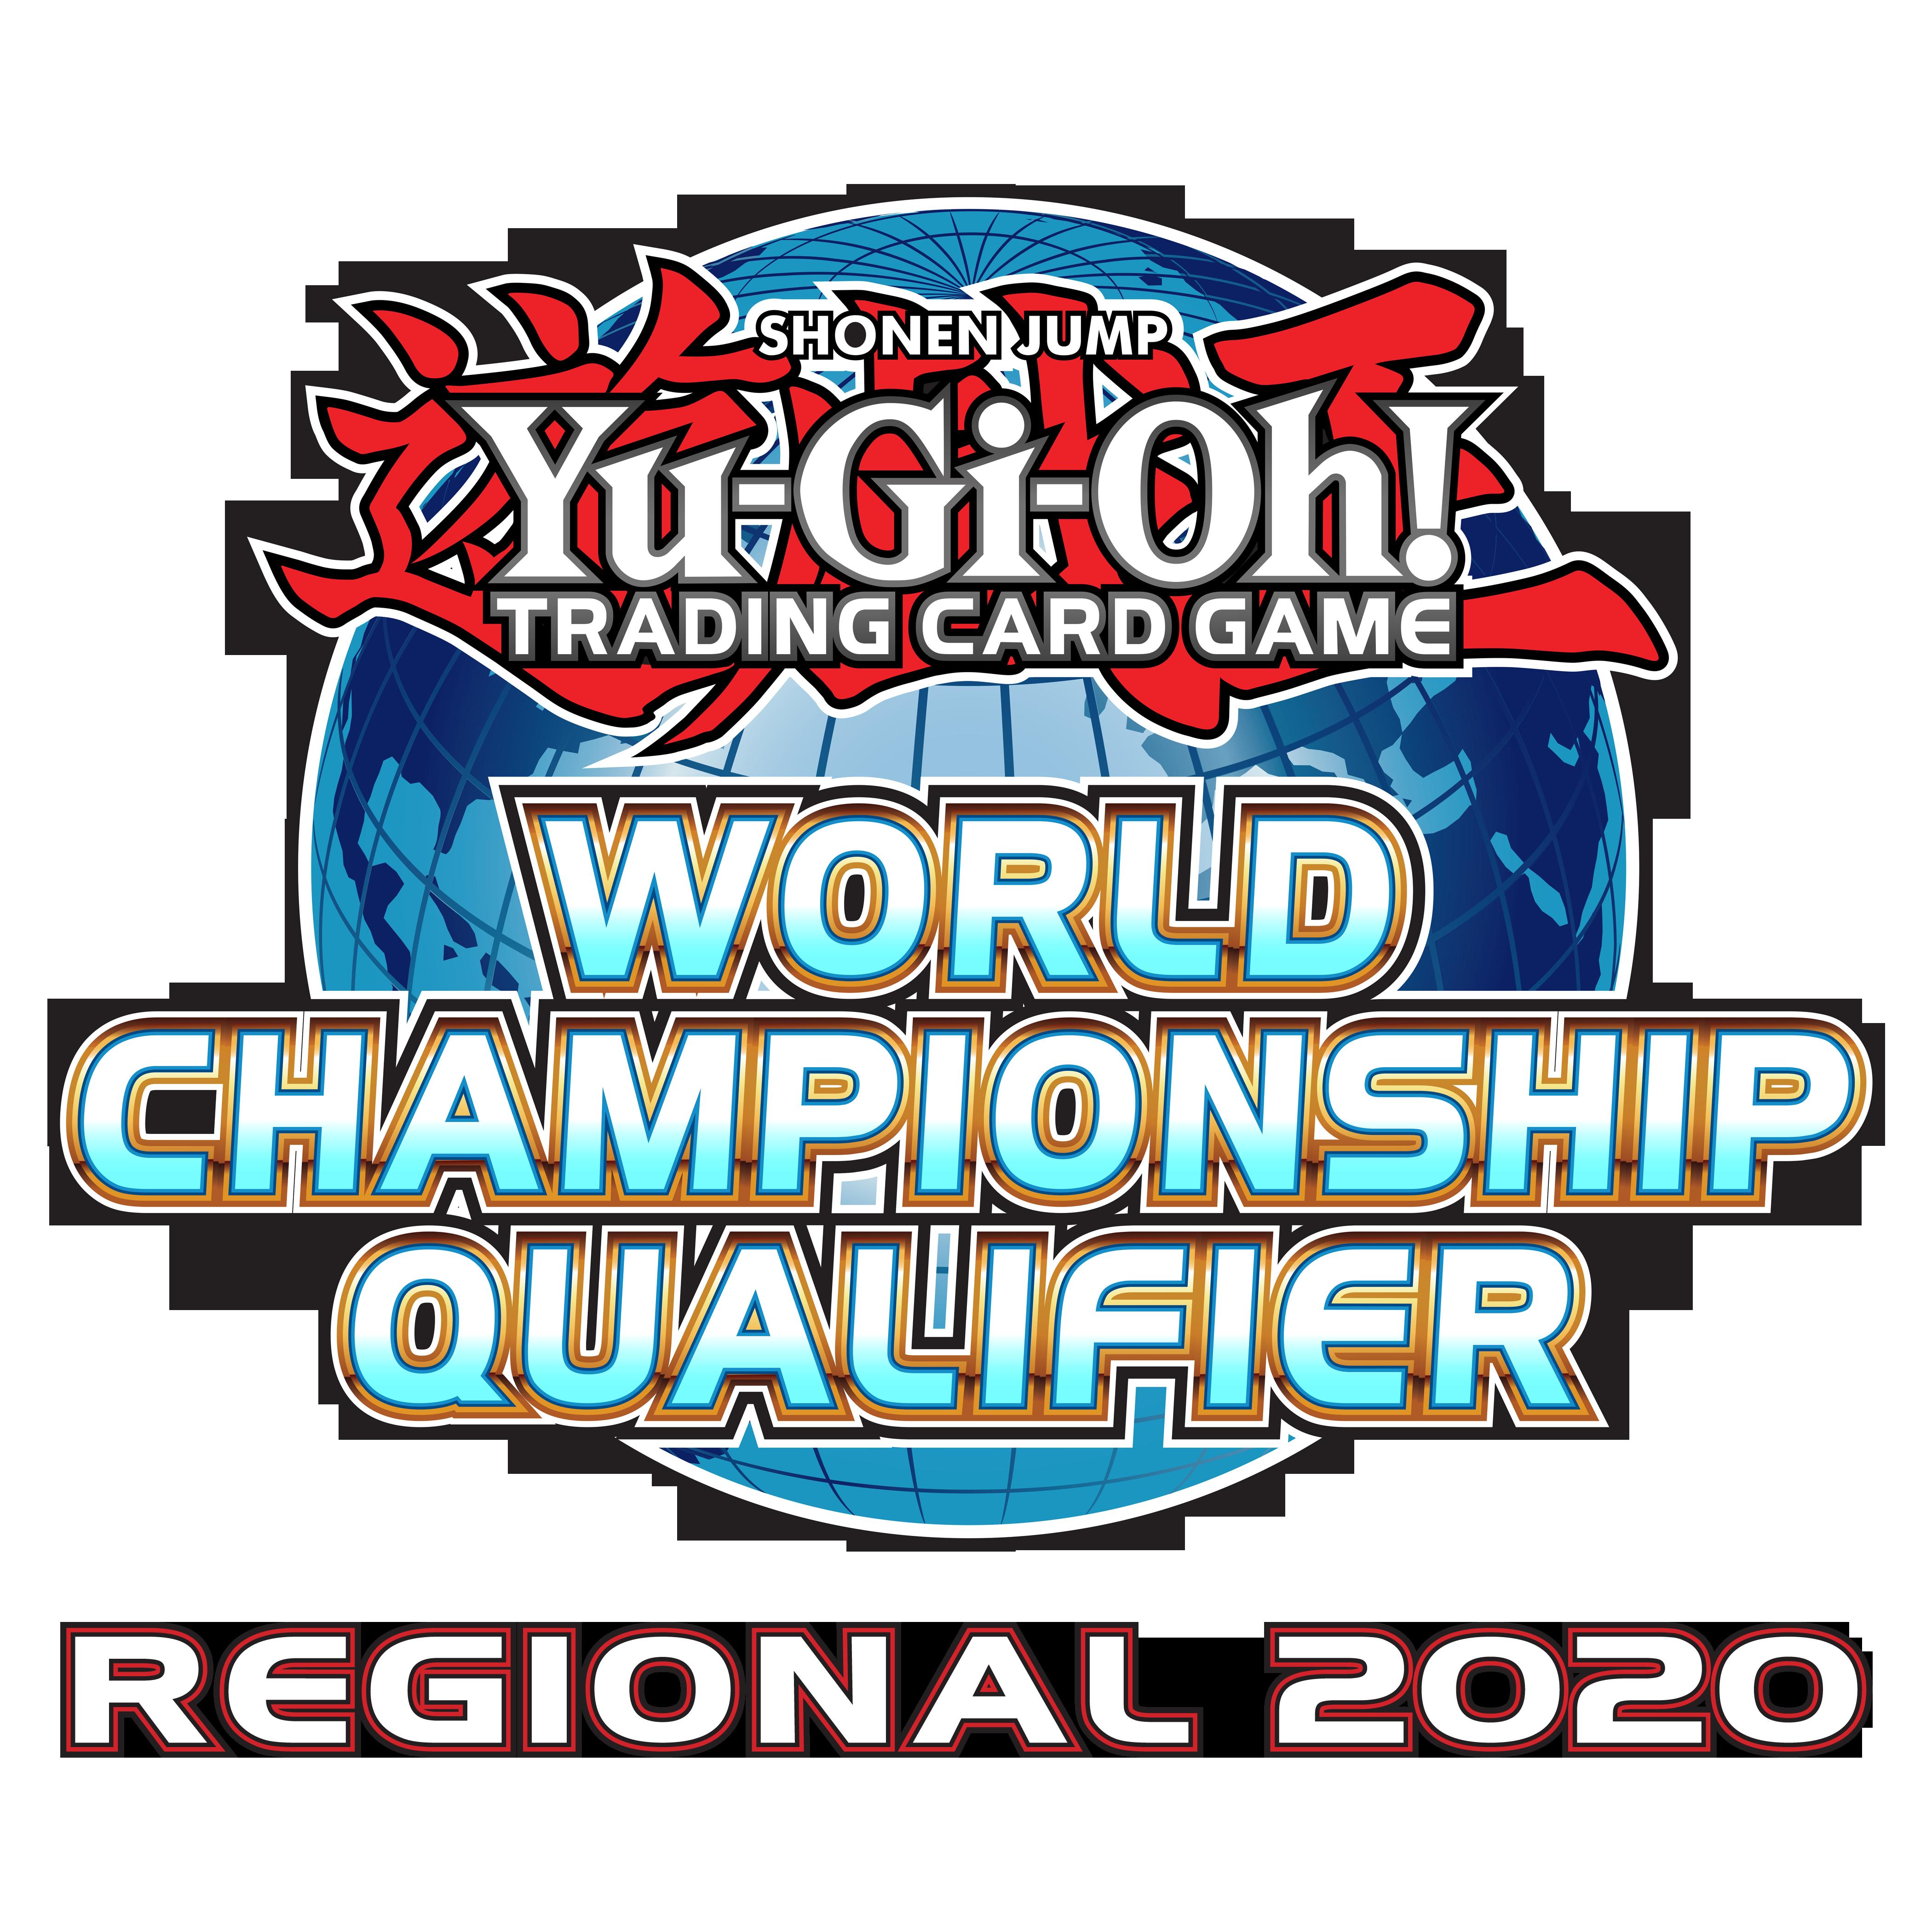 Jan 18 2020 Regionals Side Event: Win-A-Mat